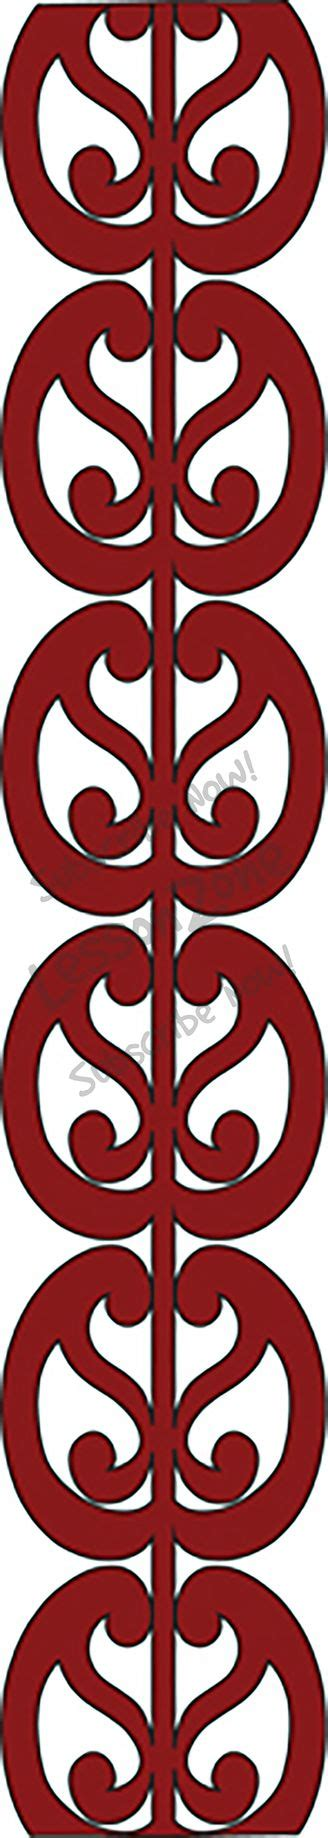 maori clipart maori border designs clip 36